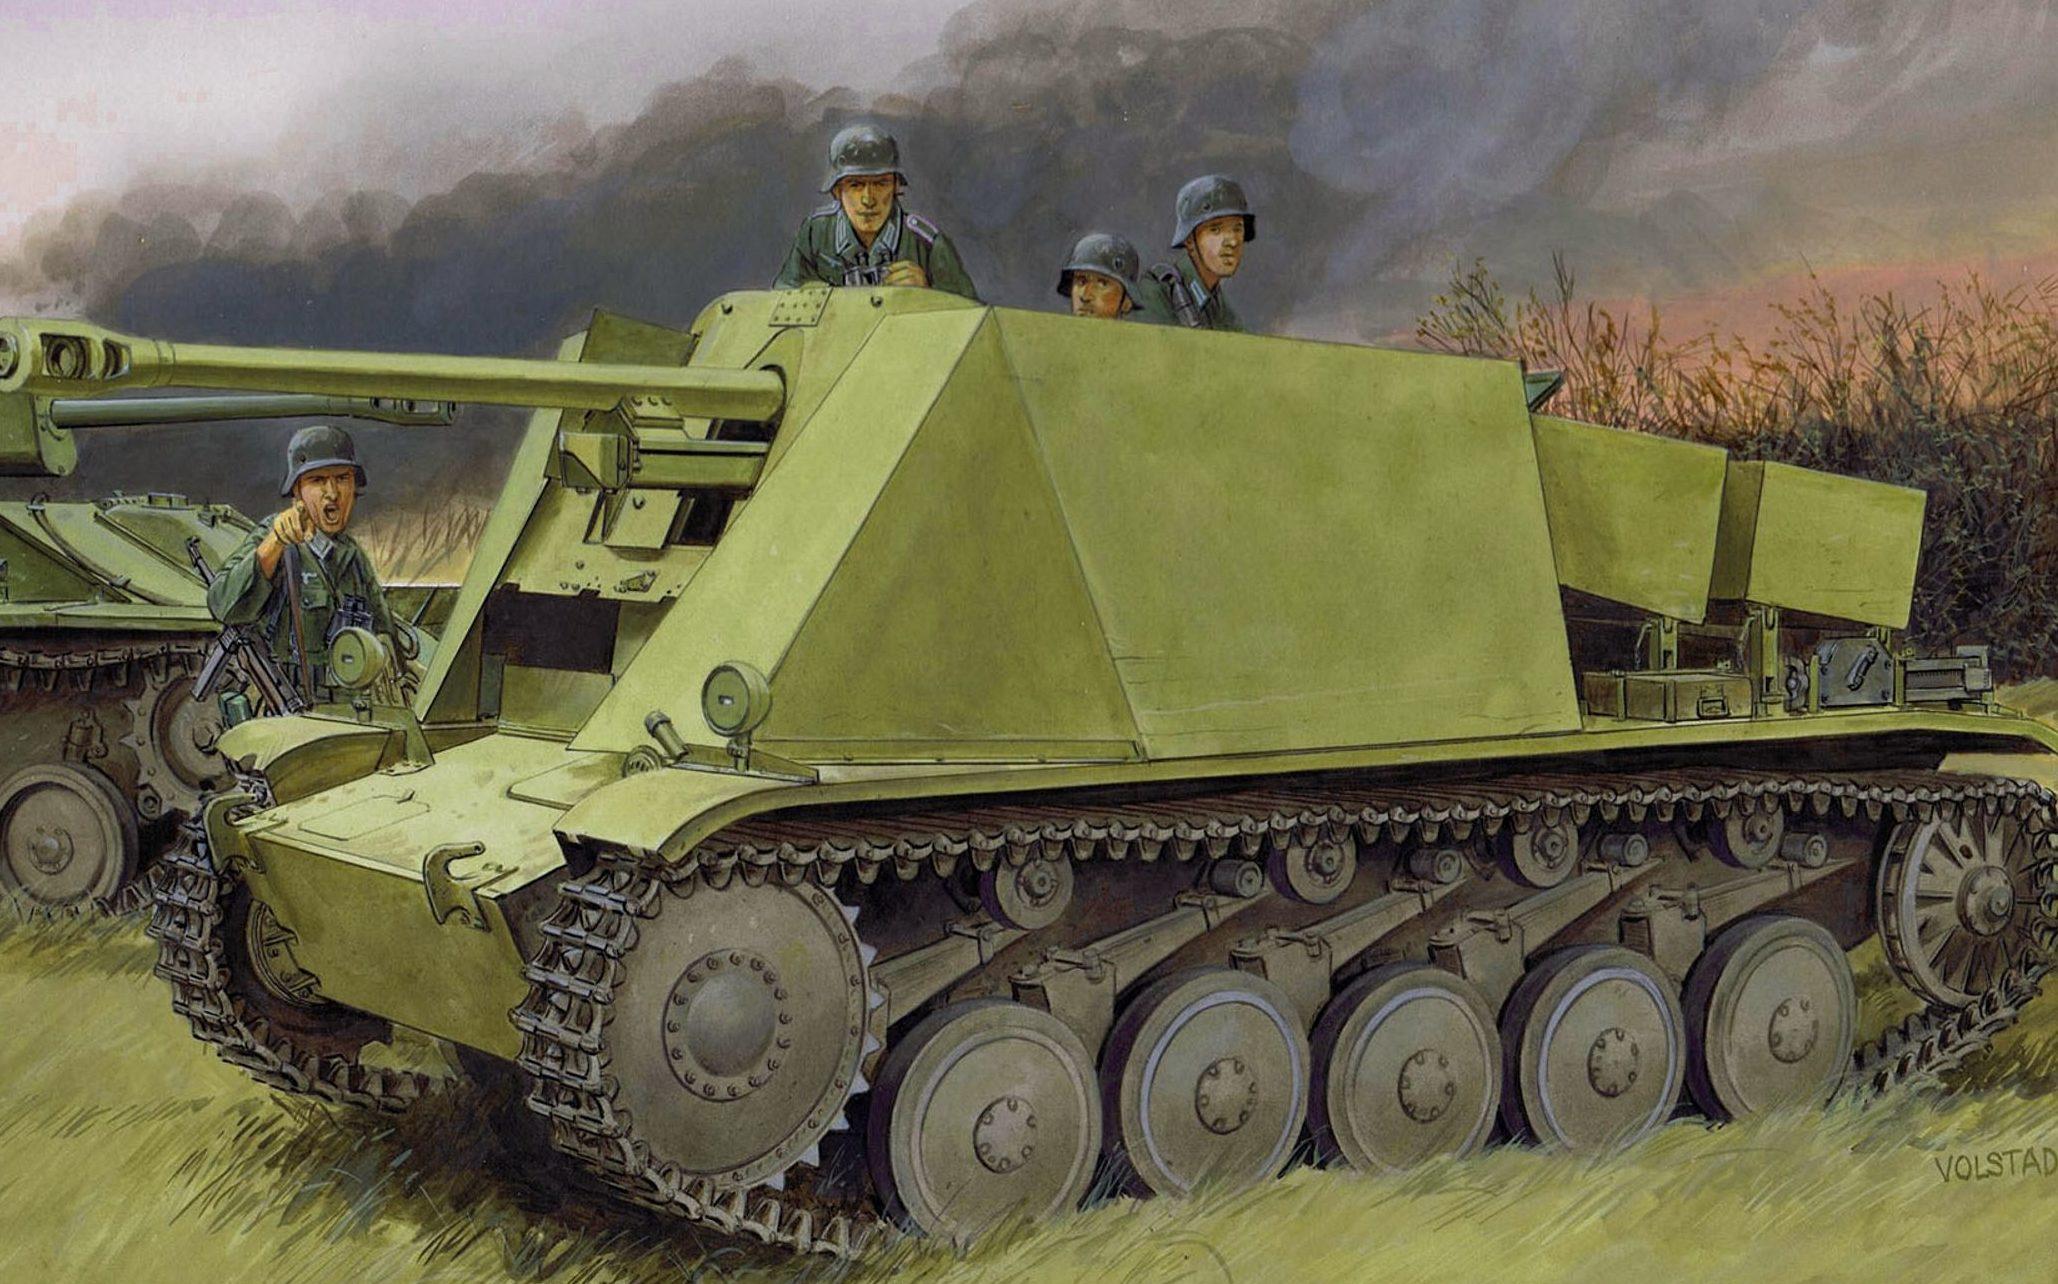 Volstad Ronald. Противотанковая САУ Pak 38 5cm.